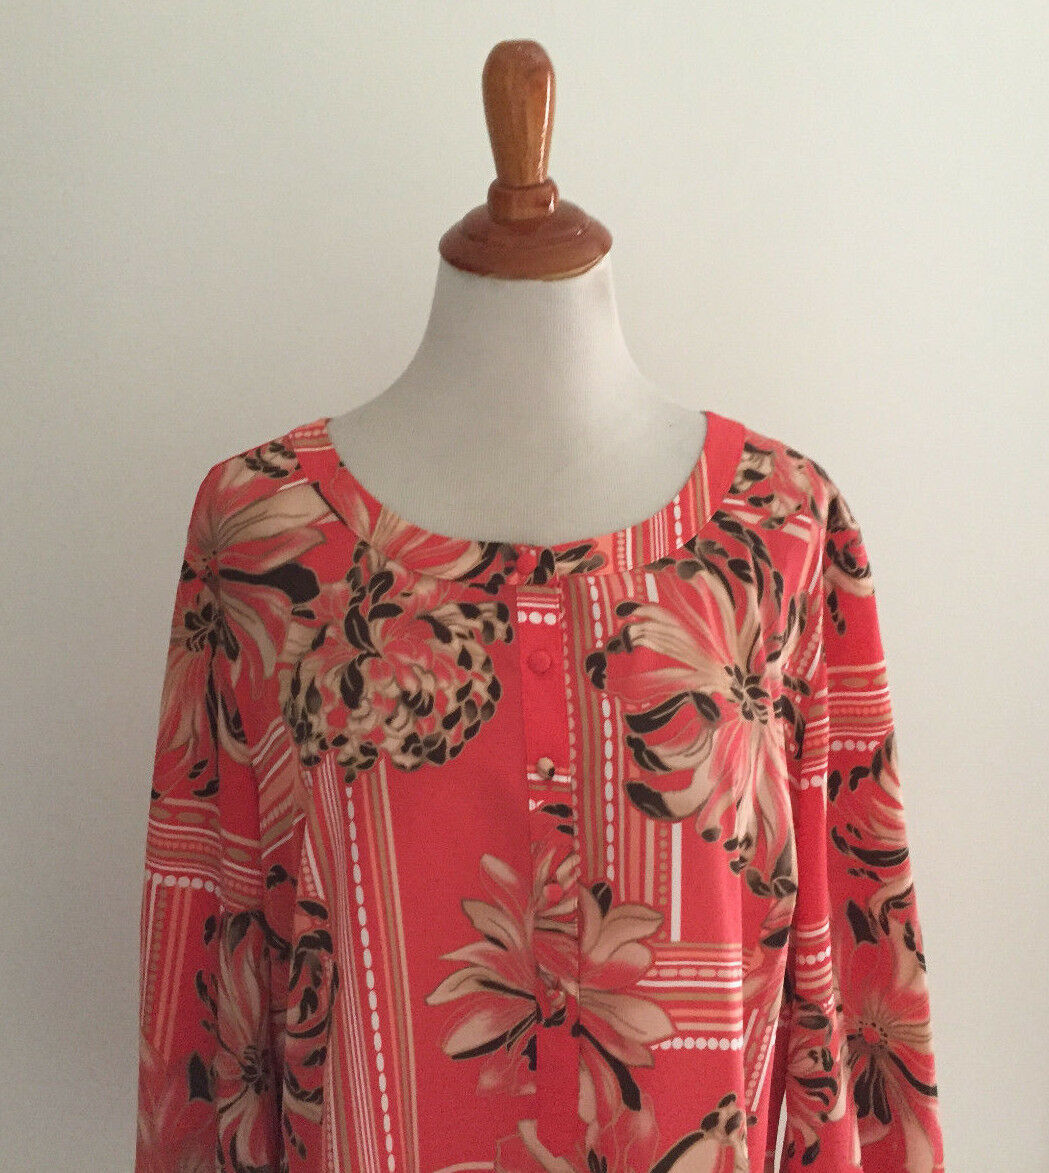 JM Collection Floral Print Blouse Size 16